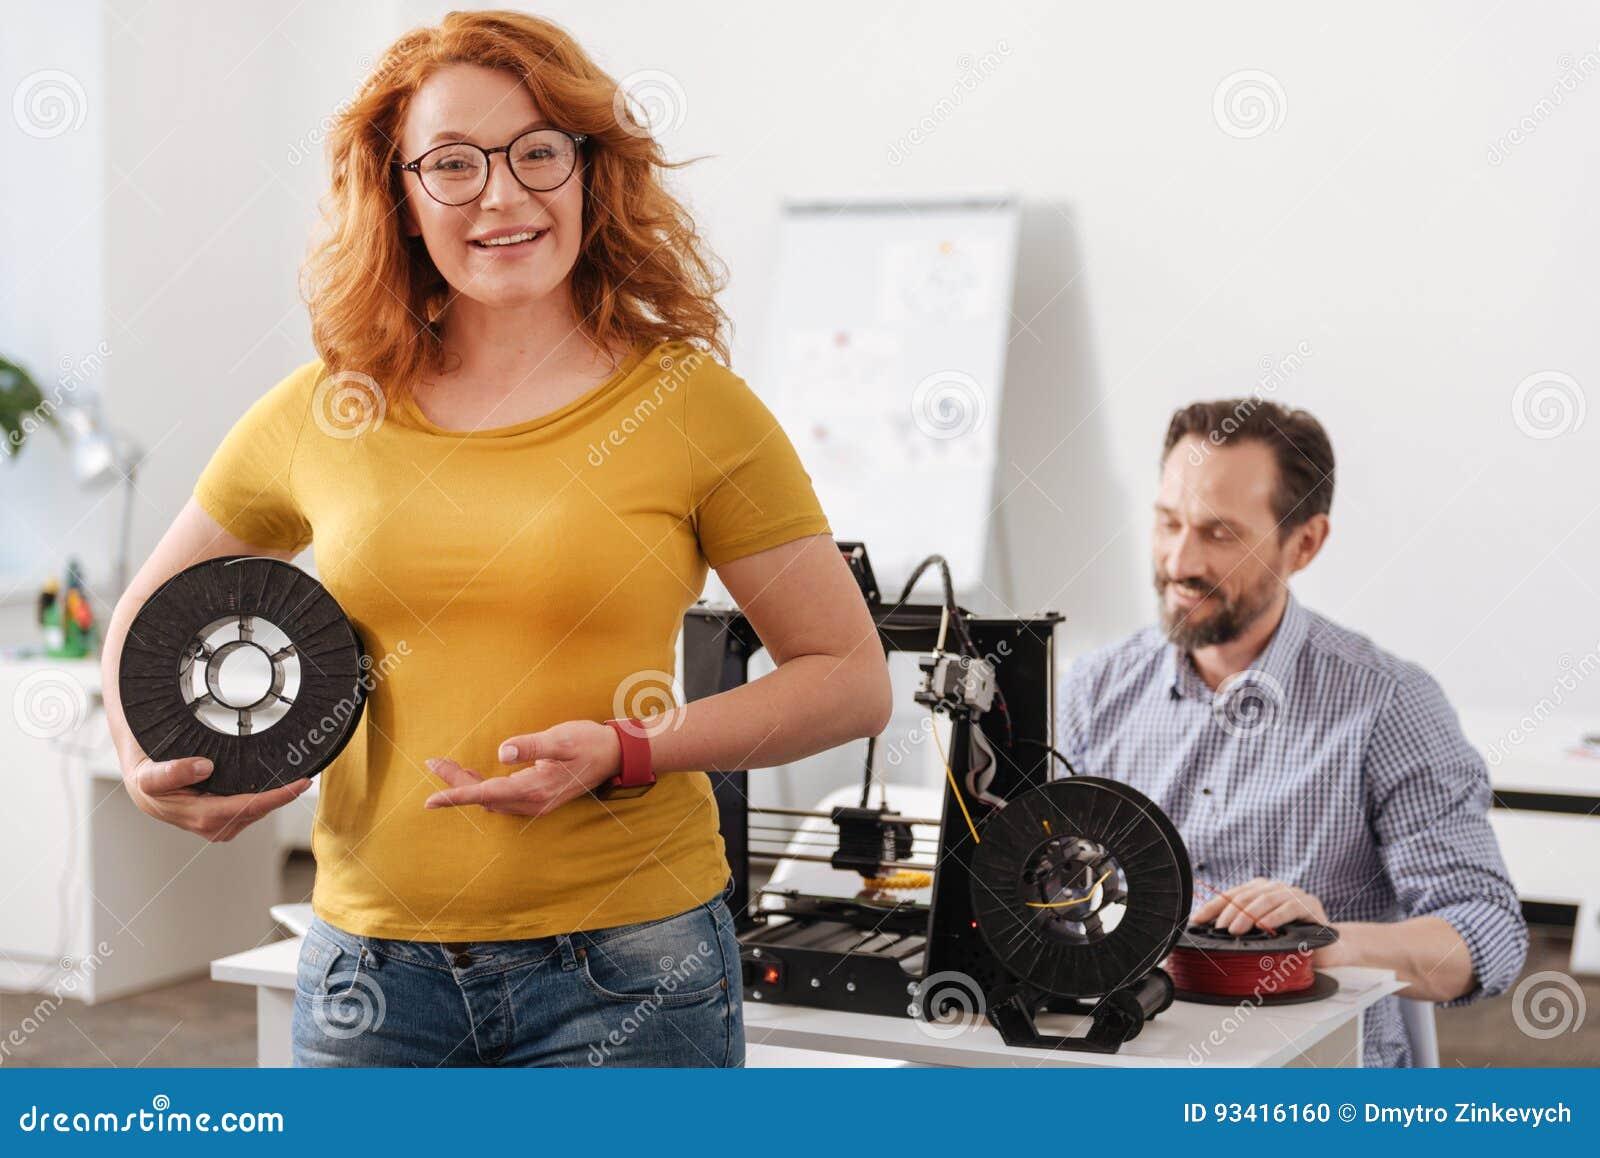 Счастливая услаженная женщина показывая вам нить 3d